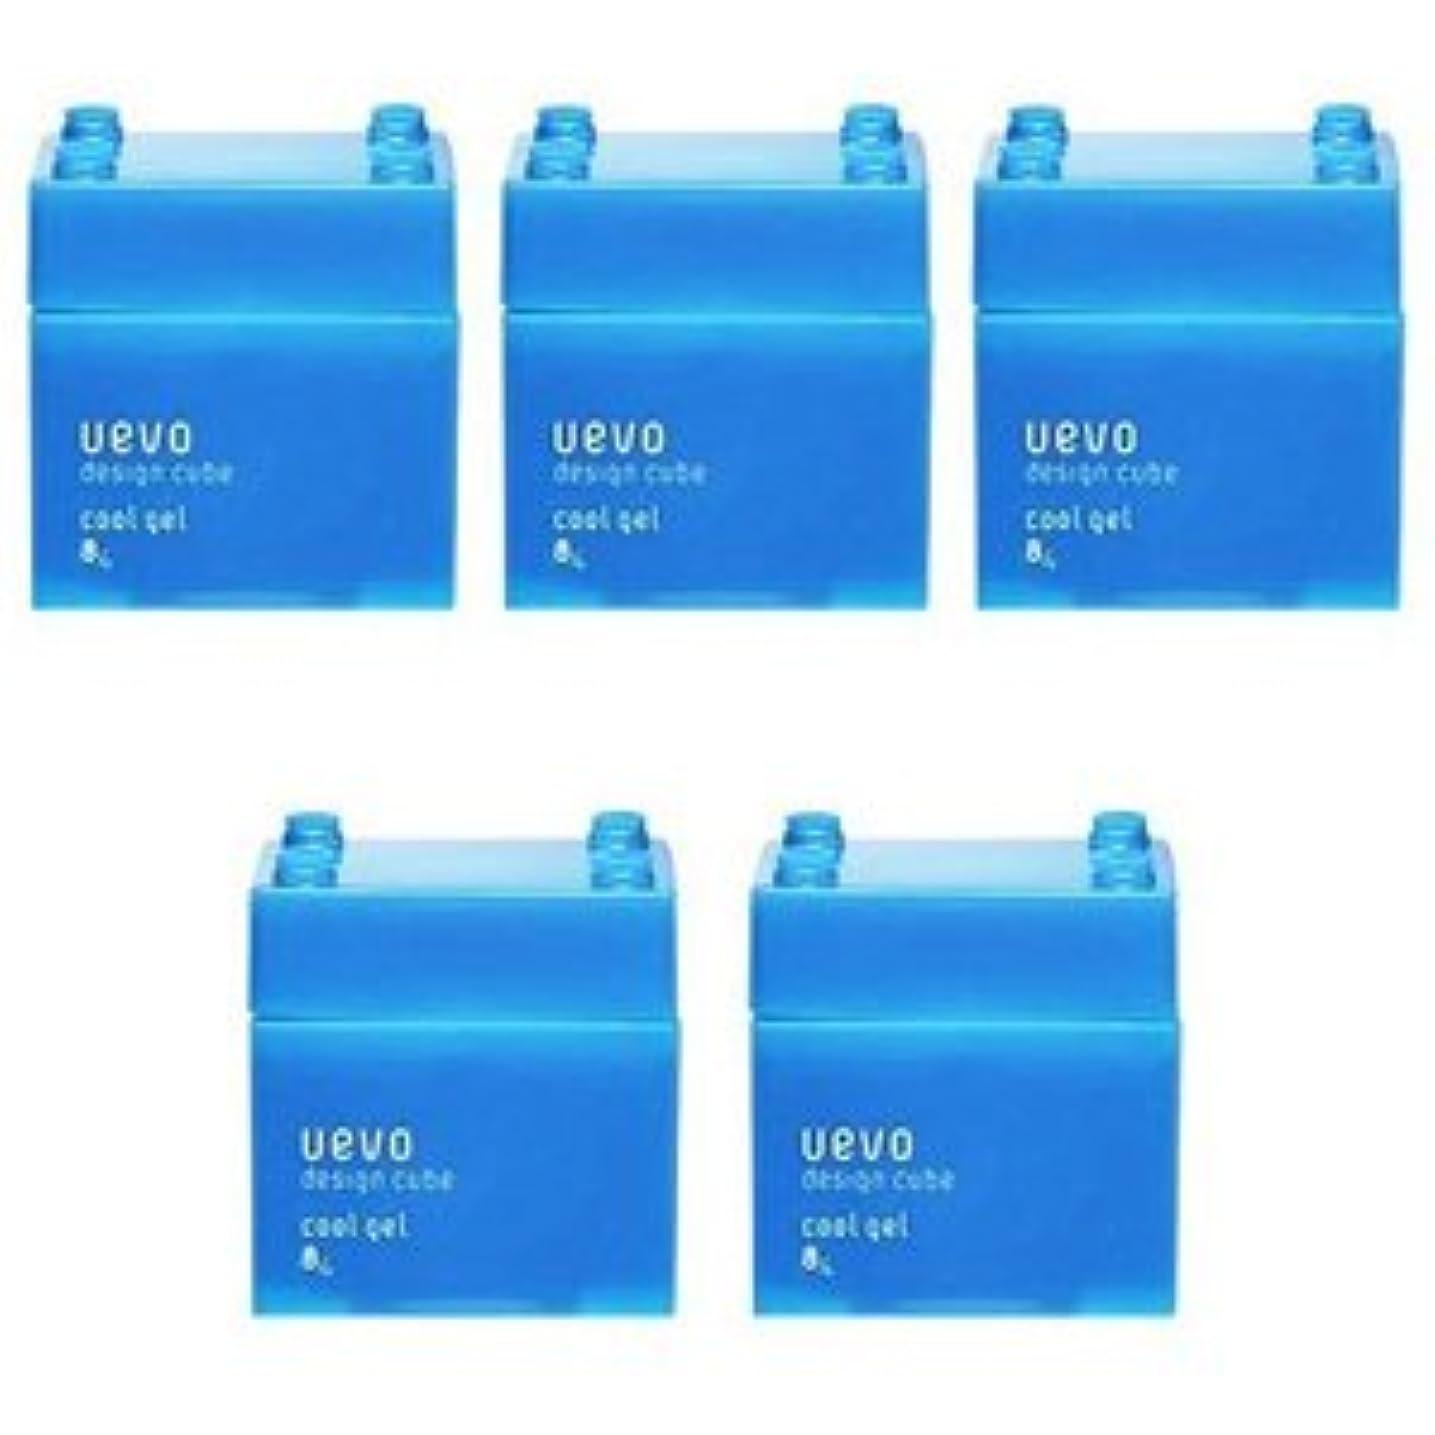 定数原子珍しい【X5個セット】 デミ ウェーボ デザインキューブ クールジェル 80g cool gel DEMI uevo design cube